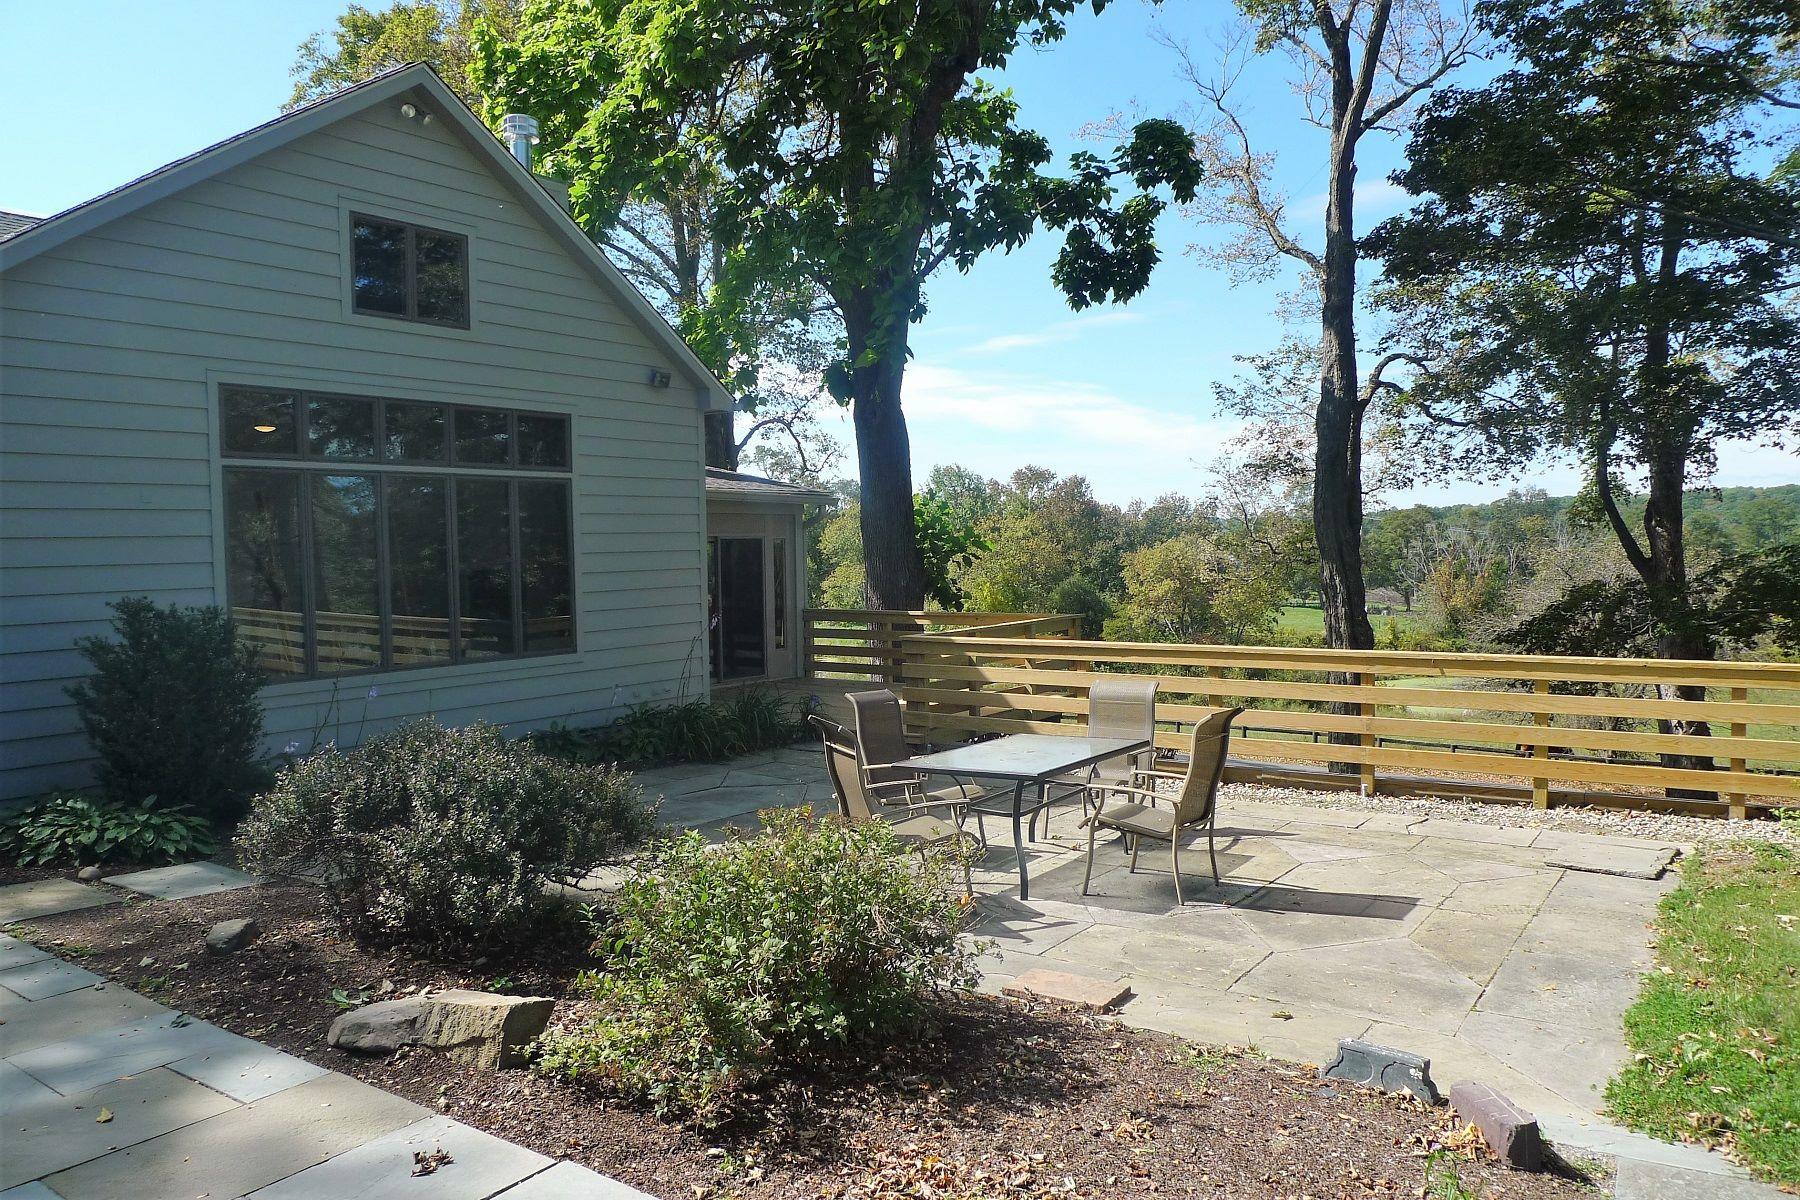 Частный односемейный дом для того Продажа на Browning Road Farmhouse 11 Browning Road Hyde Park, Нью-Йорк 12538 Соединенные Штаты